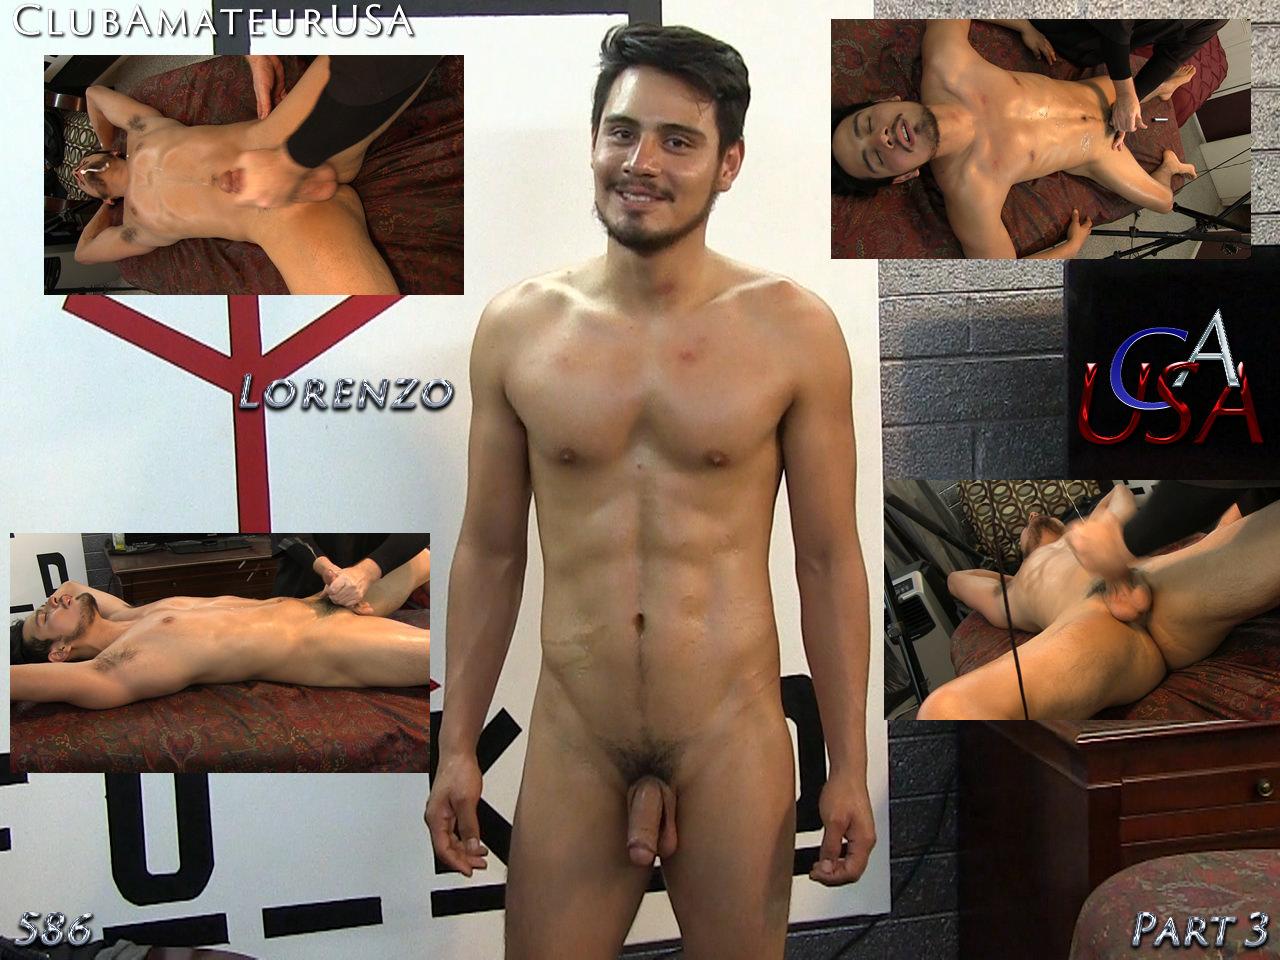 Gay Porn (Gay),Amateur (Gay),Massage (Gay),Club Amateur Usa (Gay),HD Gays,Part 3